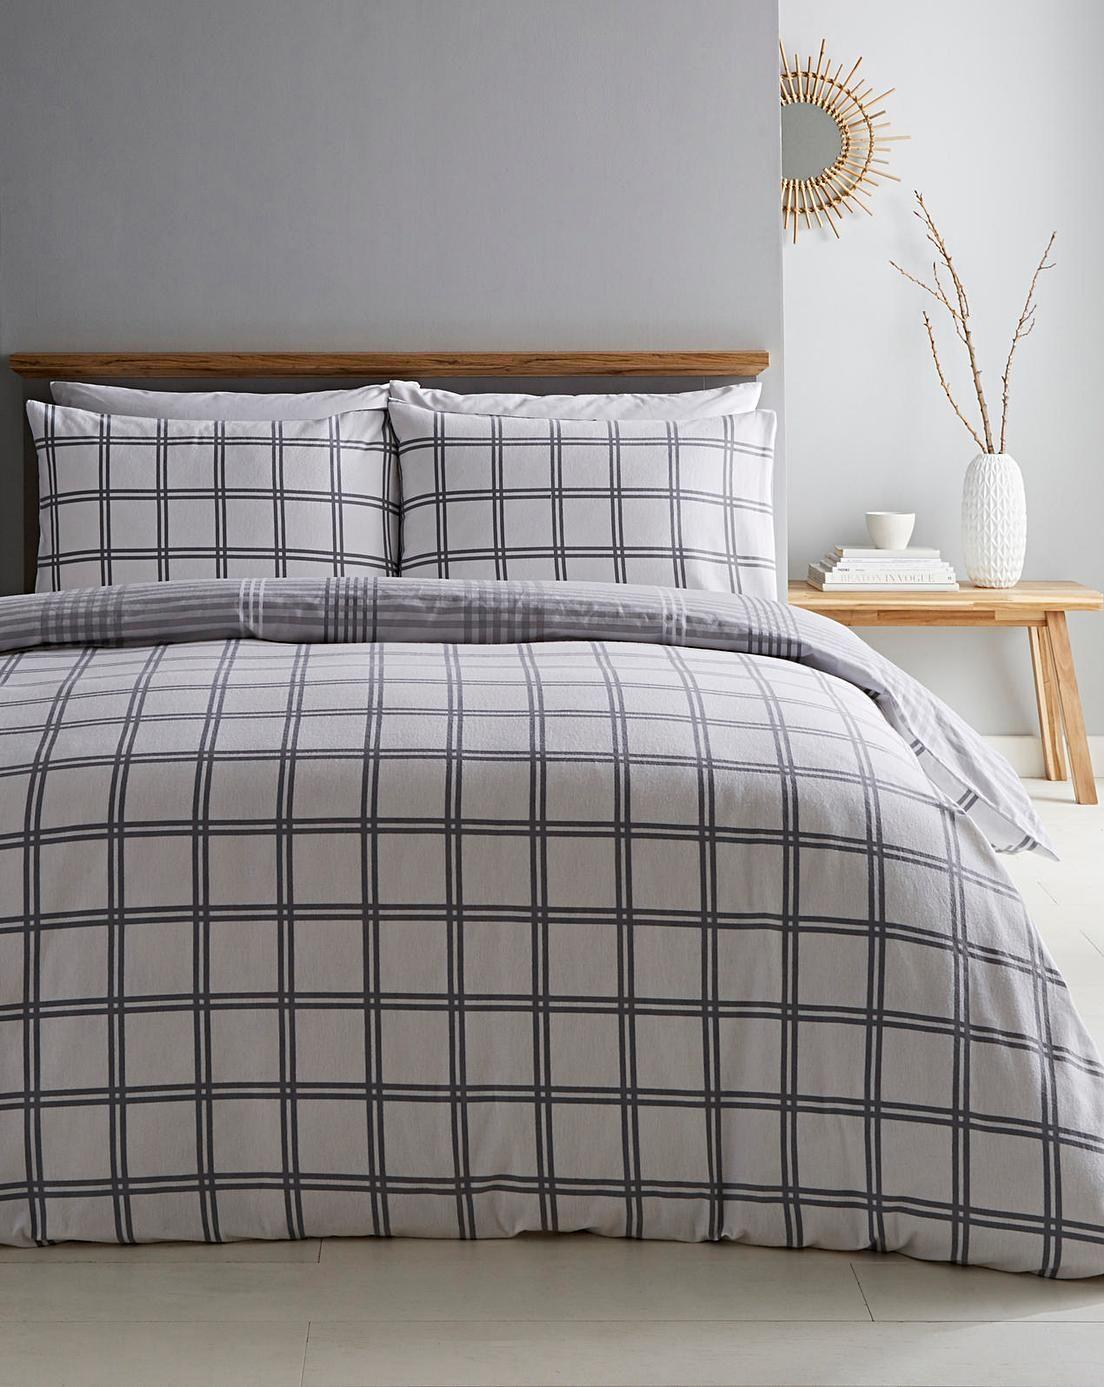 Sabana Edward Check Brushed Duvet Set Duvet Sets Redecorate Bedroom Duvet Cover Sets